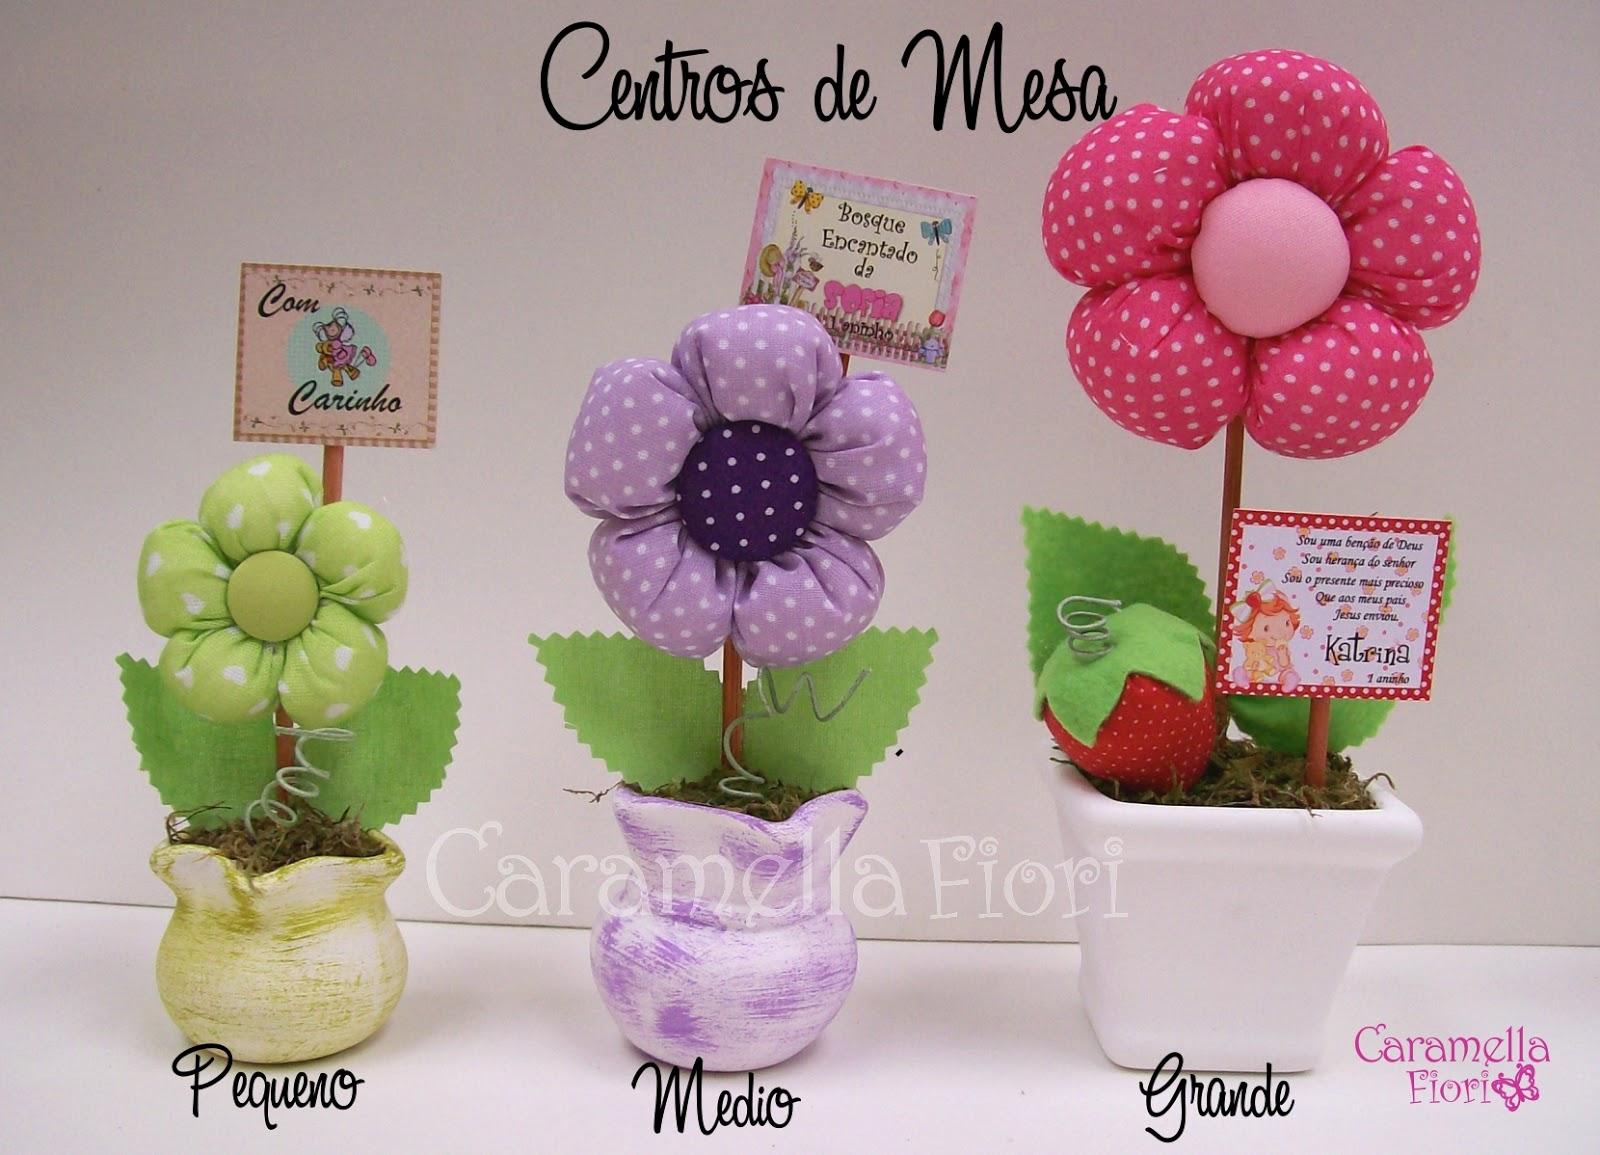 Centro+de+mesa+vaso+flor+de+fuxicojpg